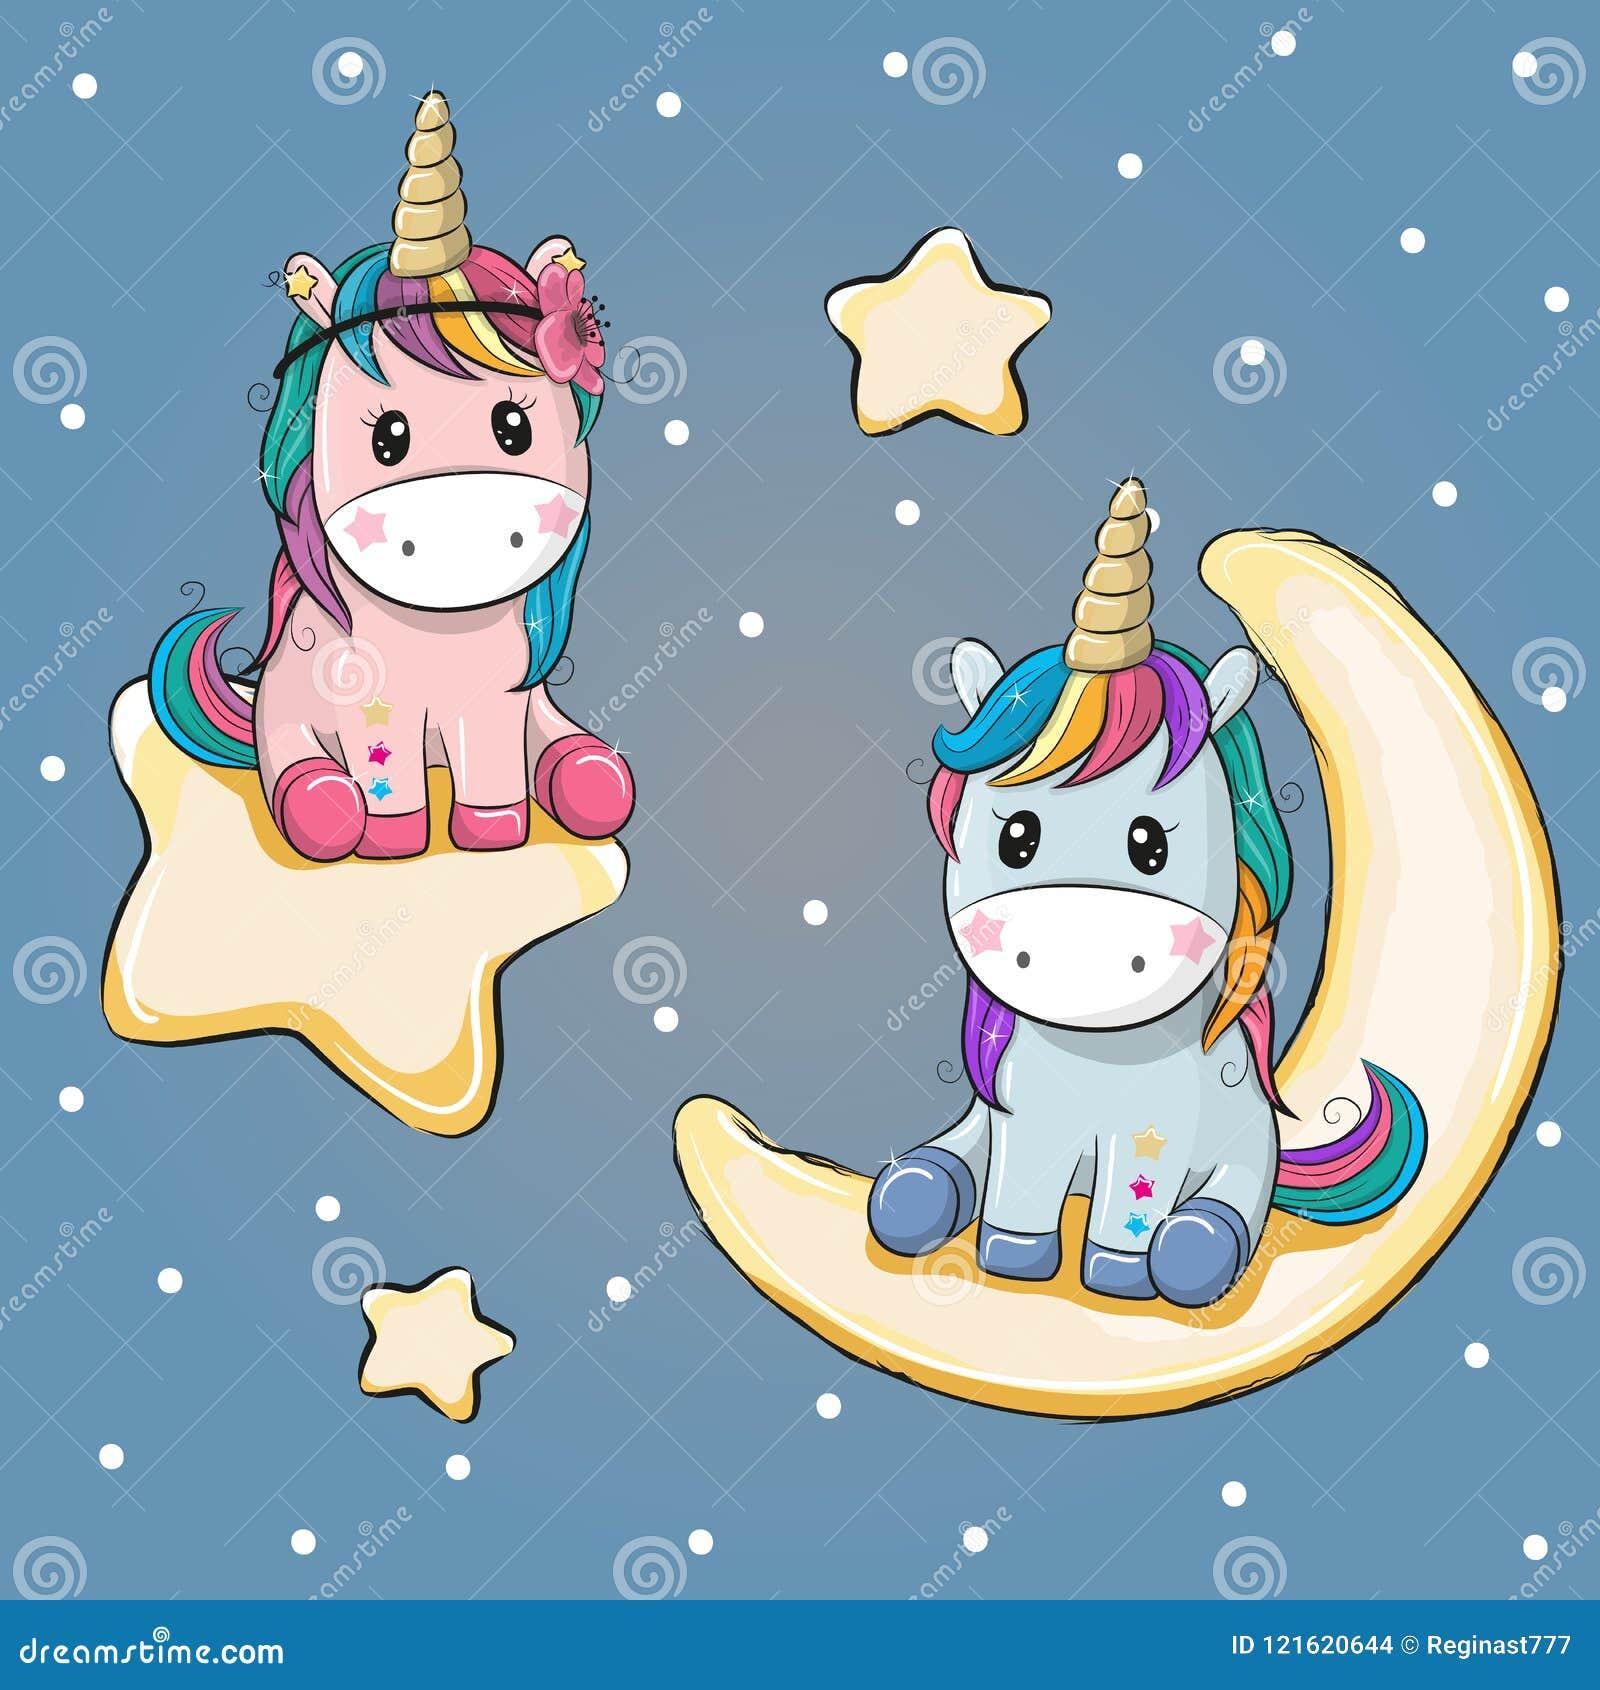 Κάρτα βαλεντίνων με δύο μονοκέρους σε ένα φεγγάρι και ένα αστέρι